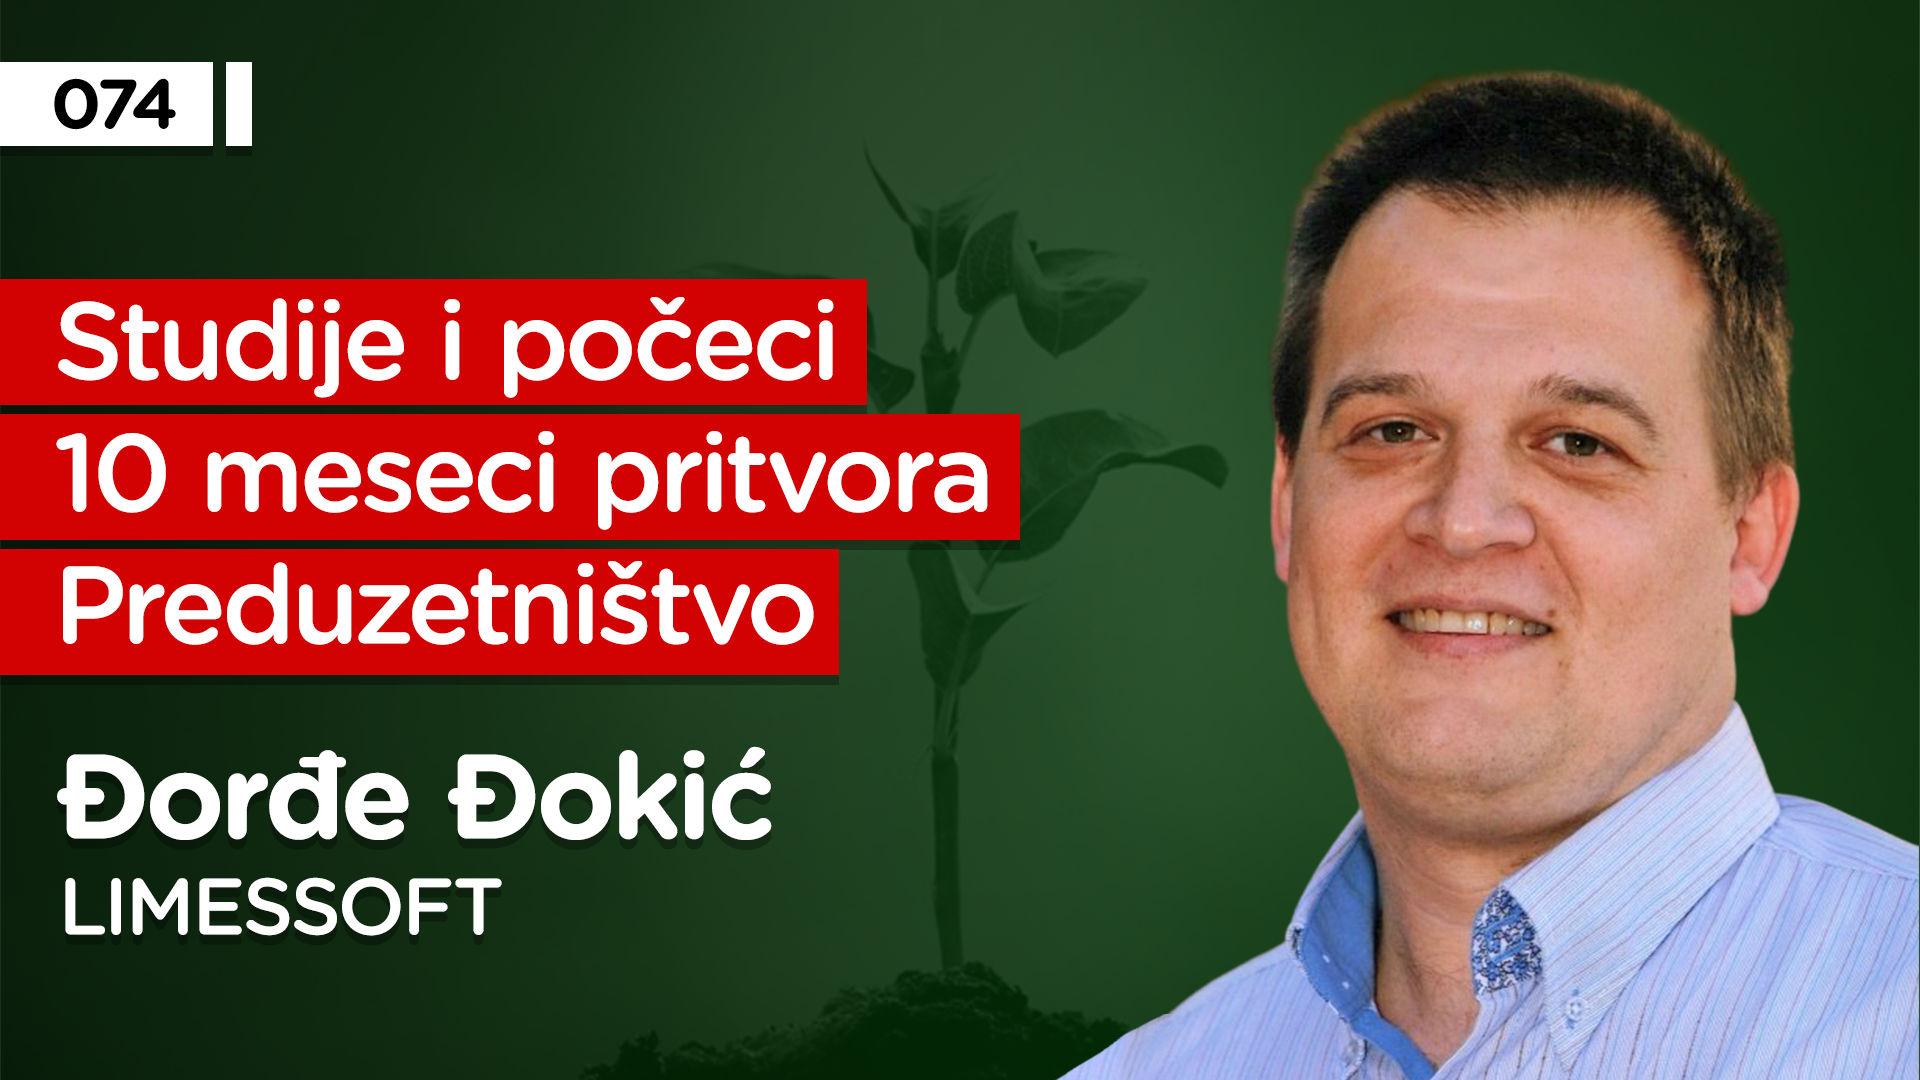 EP074: Đorđe Đokić